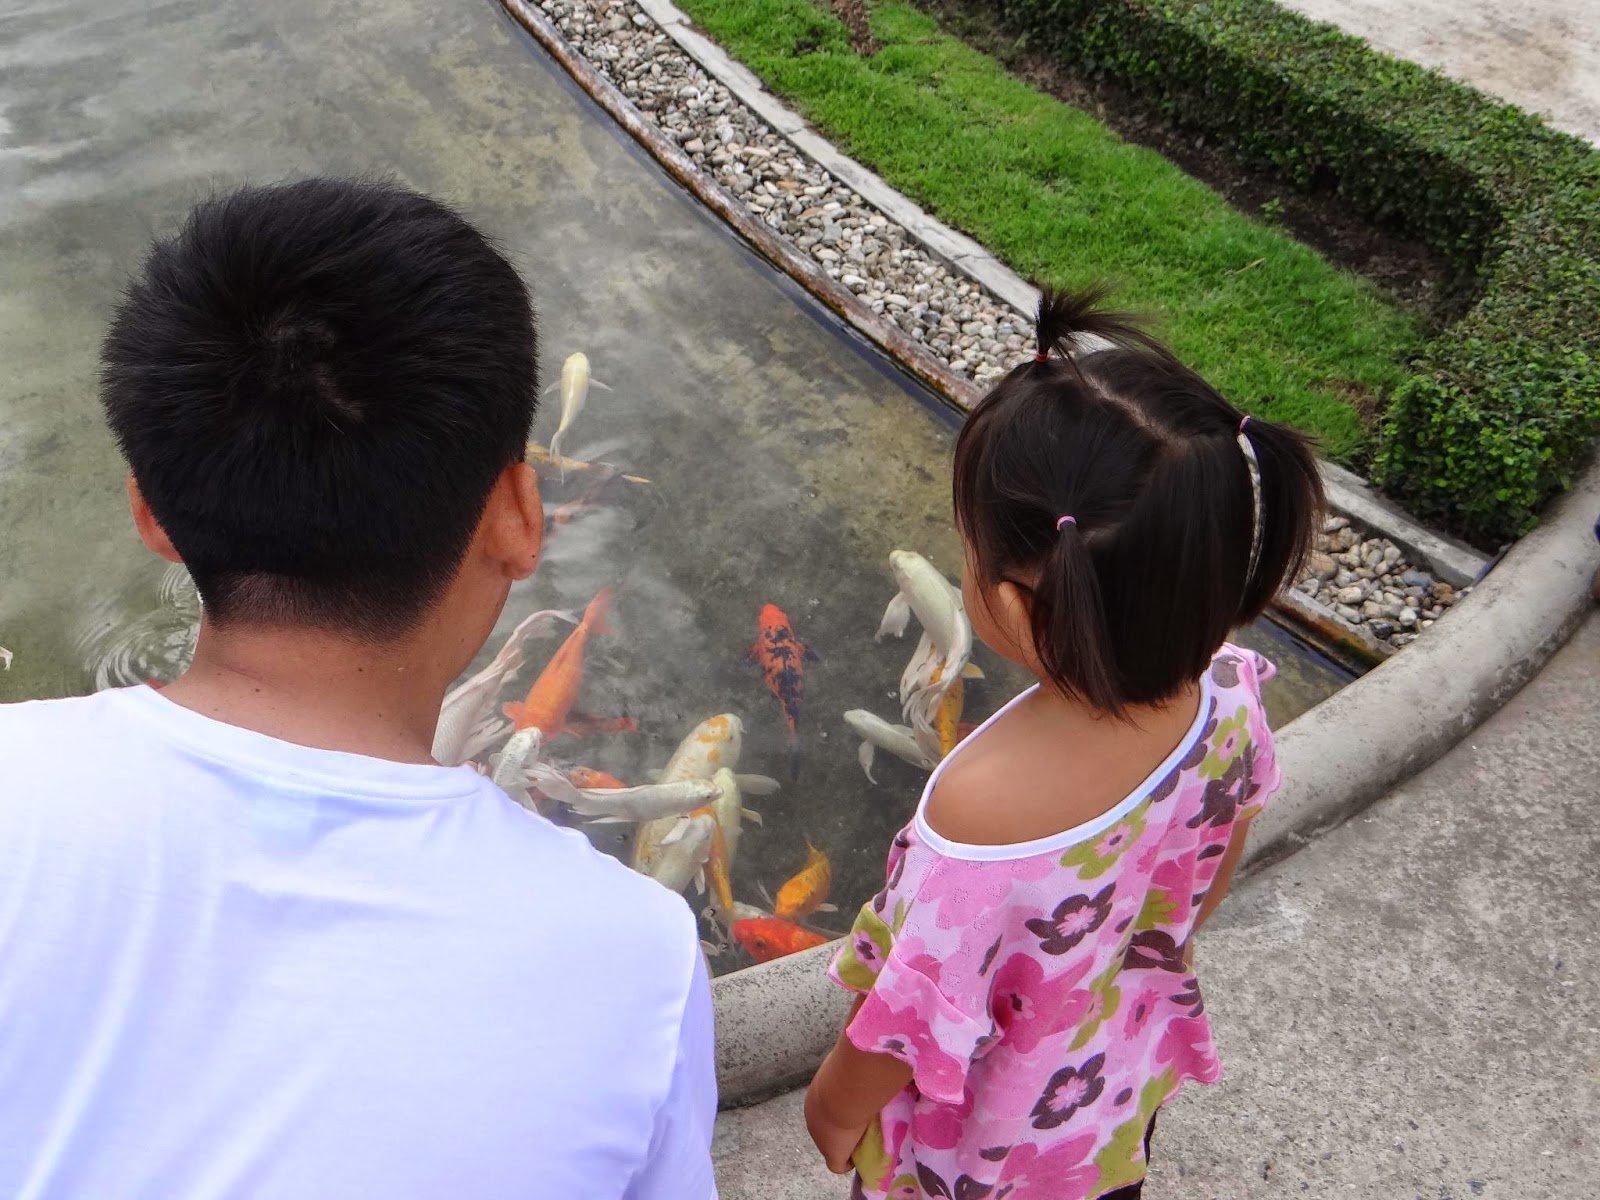 Turistas podem alimentar os peixes que ficam no lago que circunda o templo